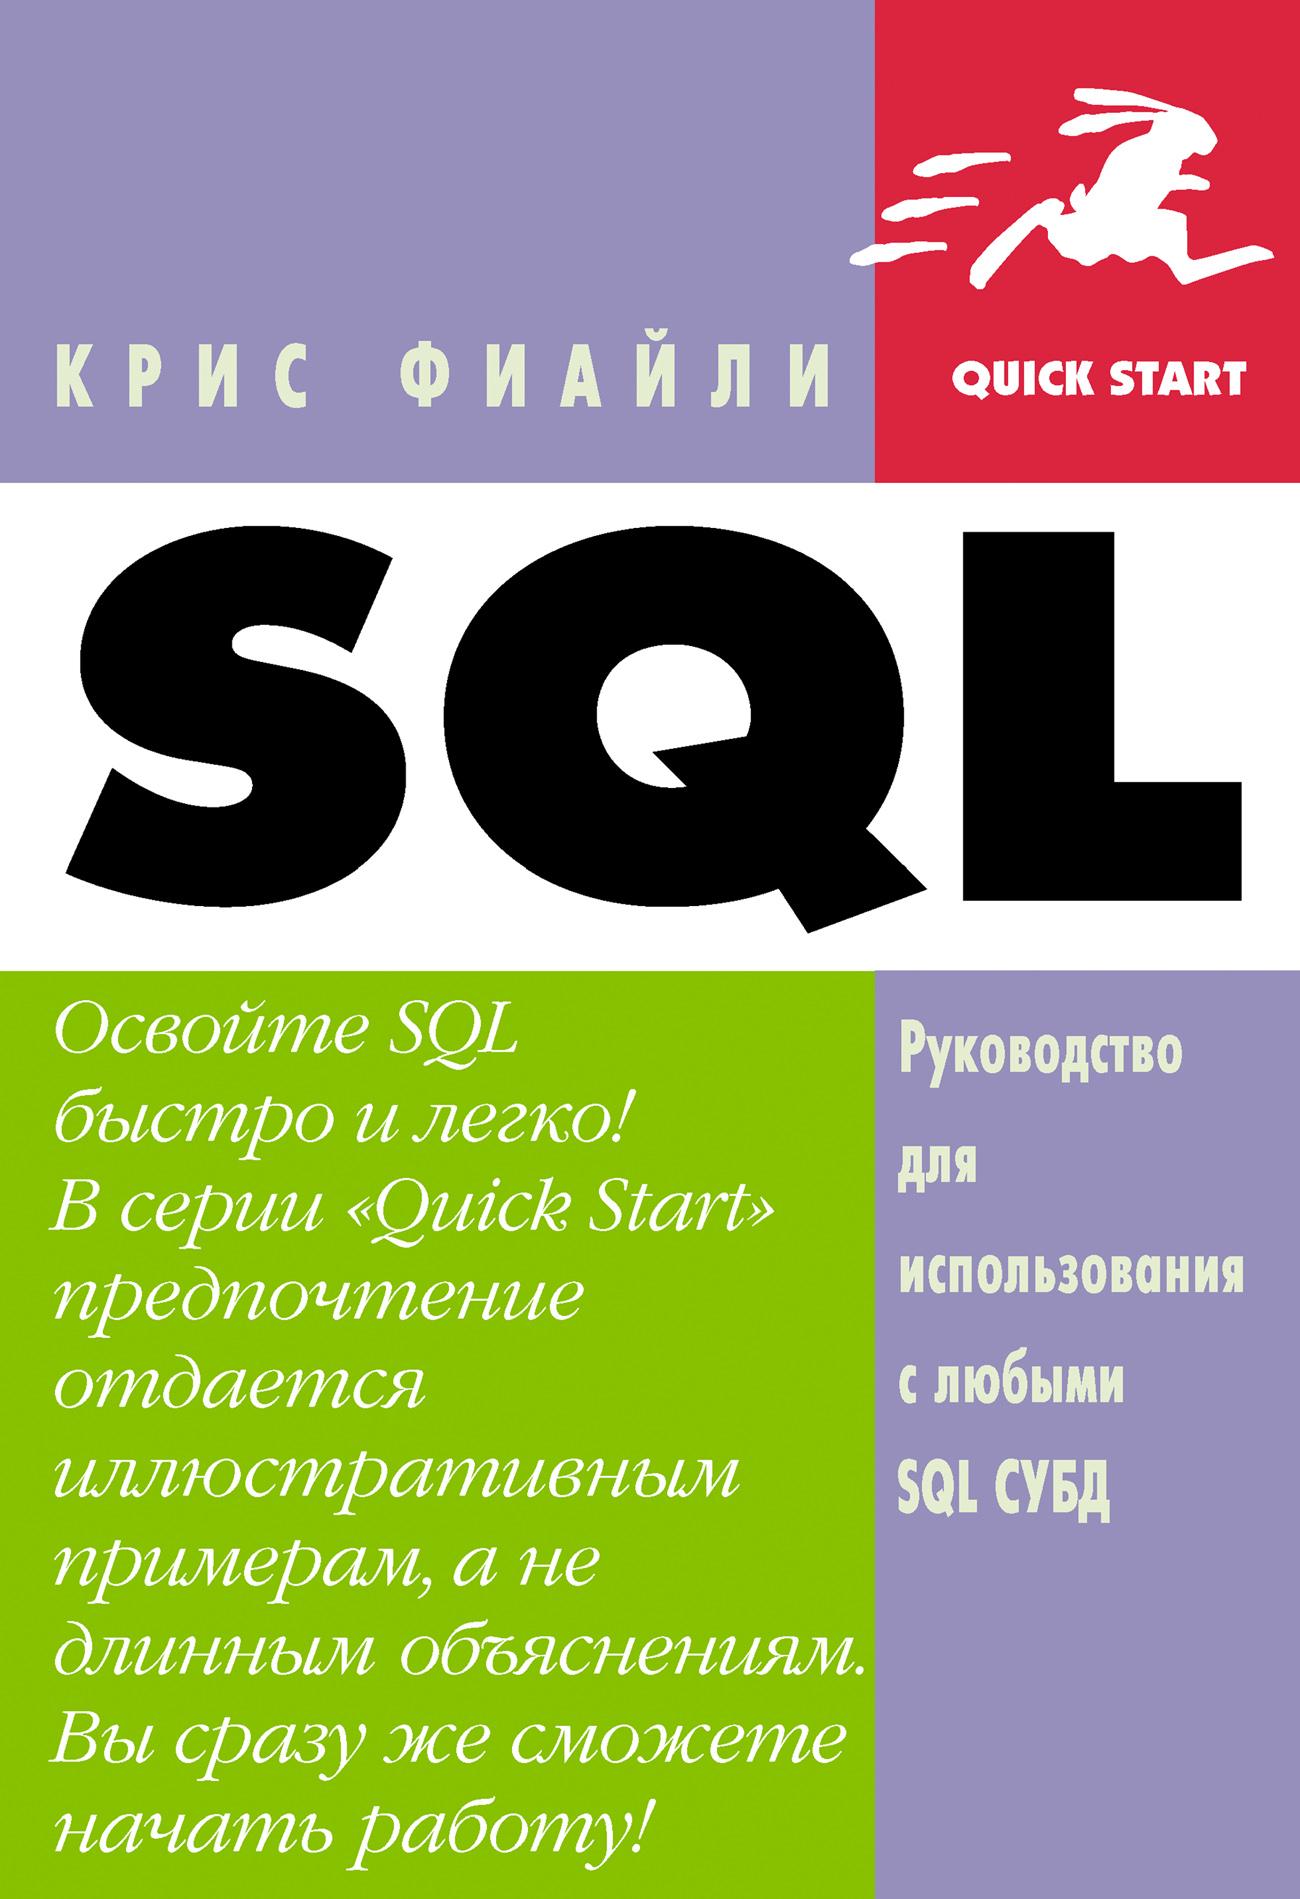 Крис Фиайли SQL: Руководство по изучению языка коллектив авторов базы данных манипулирование данными на языке sql в субд ms access 2007